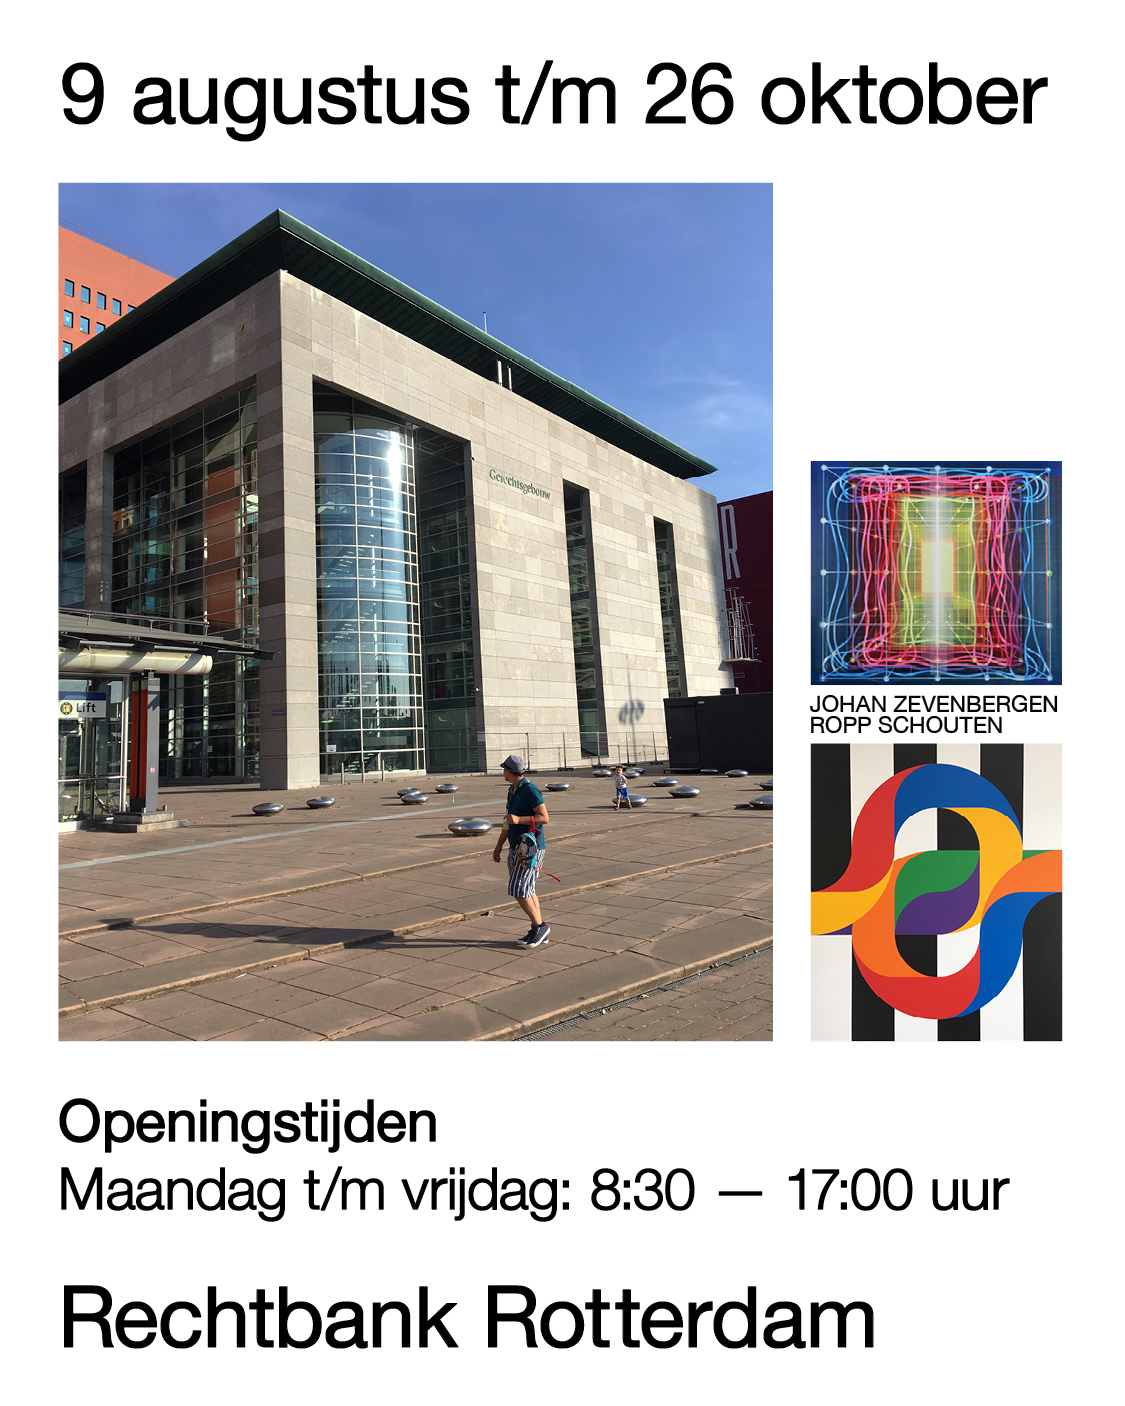 Johan Zevenbergen & Ropp Schouten te zien in het gerechtsgebouw Rotterdam.